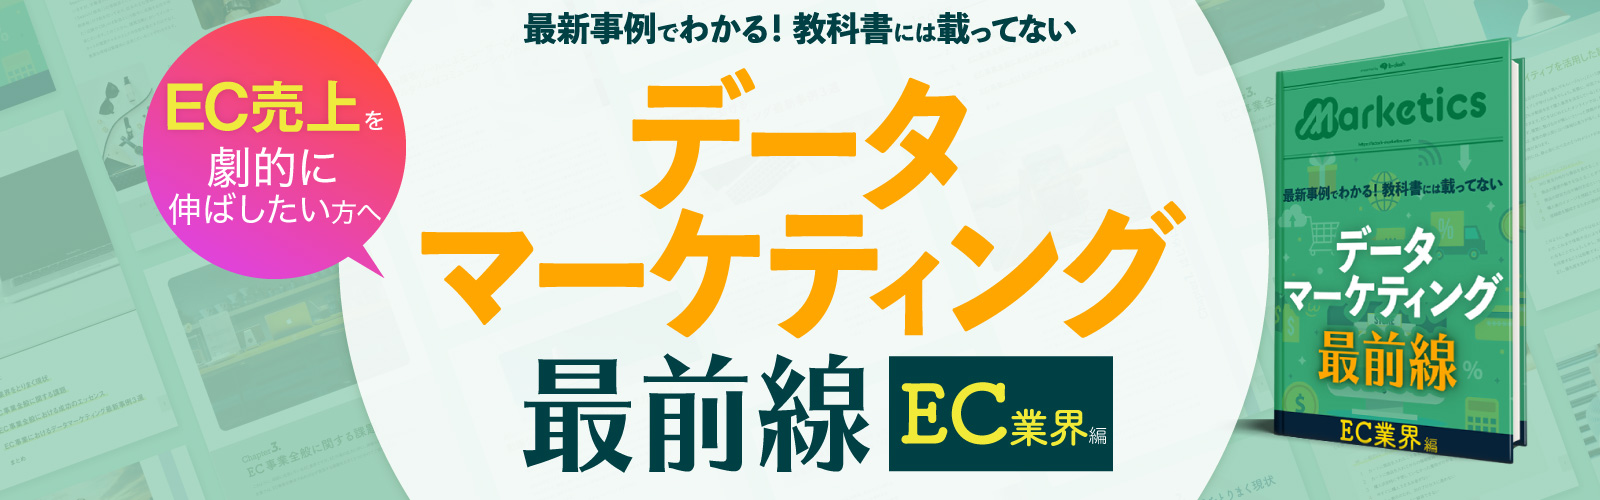 データマーケティング最前線<br /> -EC業界編-